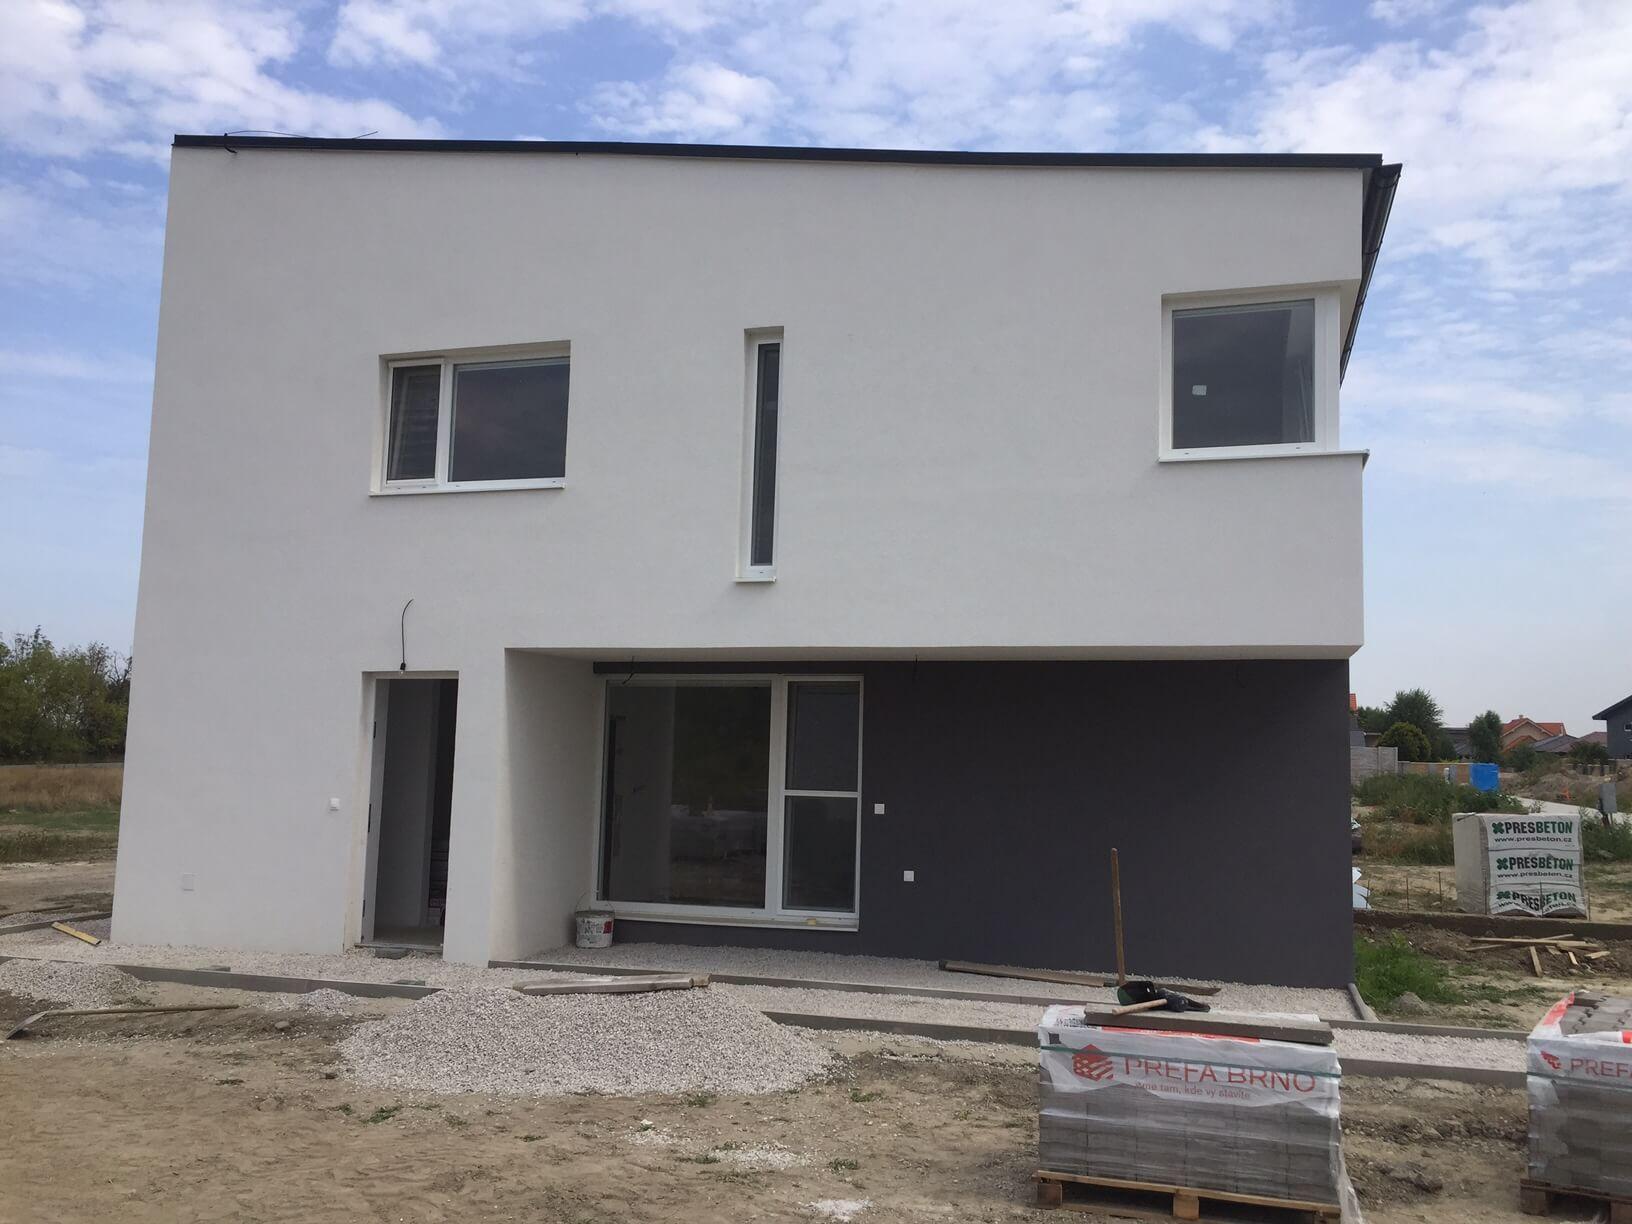 Predané: Posledný Rodinný dom v Dunajskej Lužnej v tichej lokalite, pri Košariskách, pri vlaku, 106m2, pozemok 422m2-16